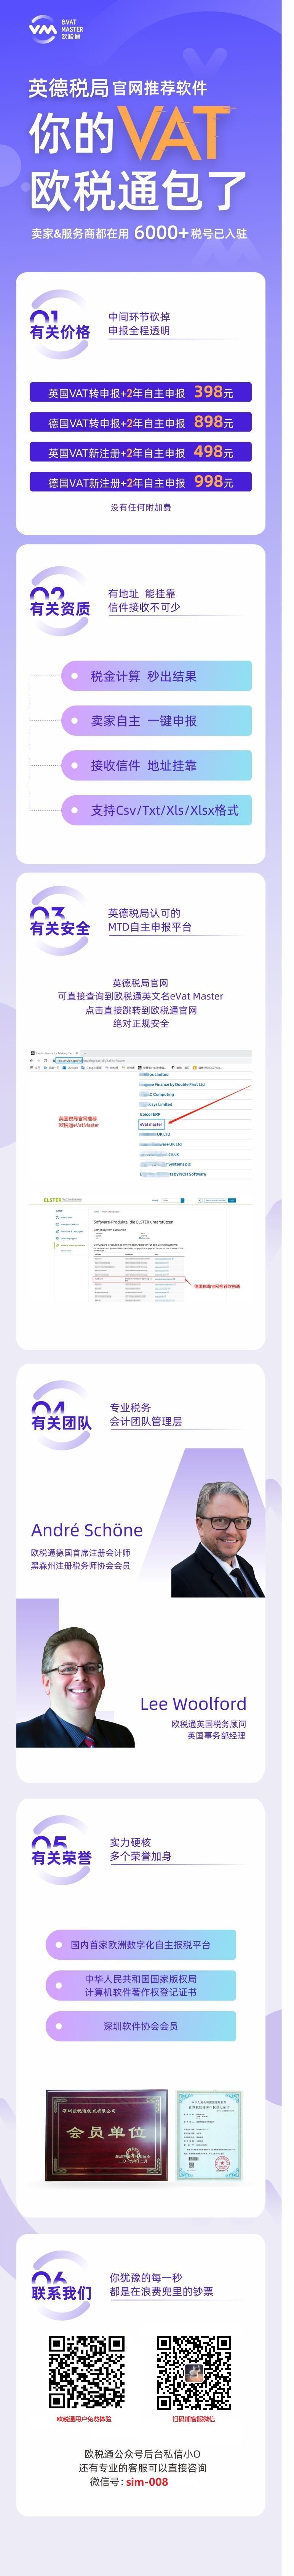 产品介绍图.jpg